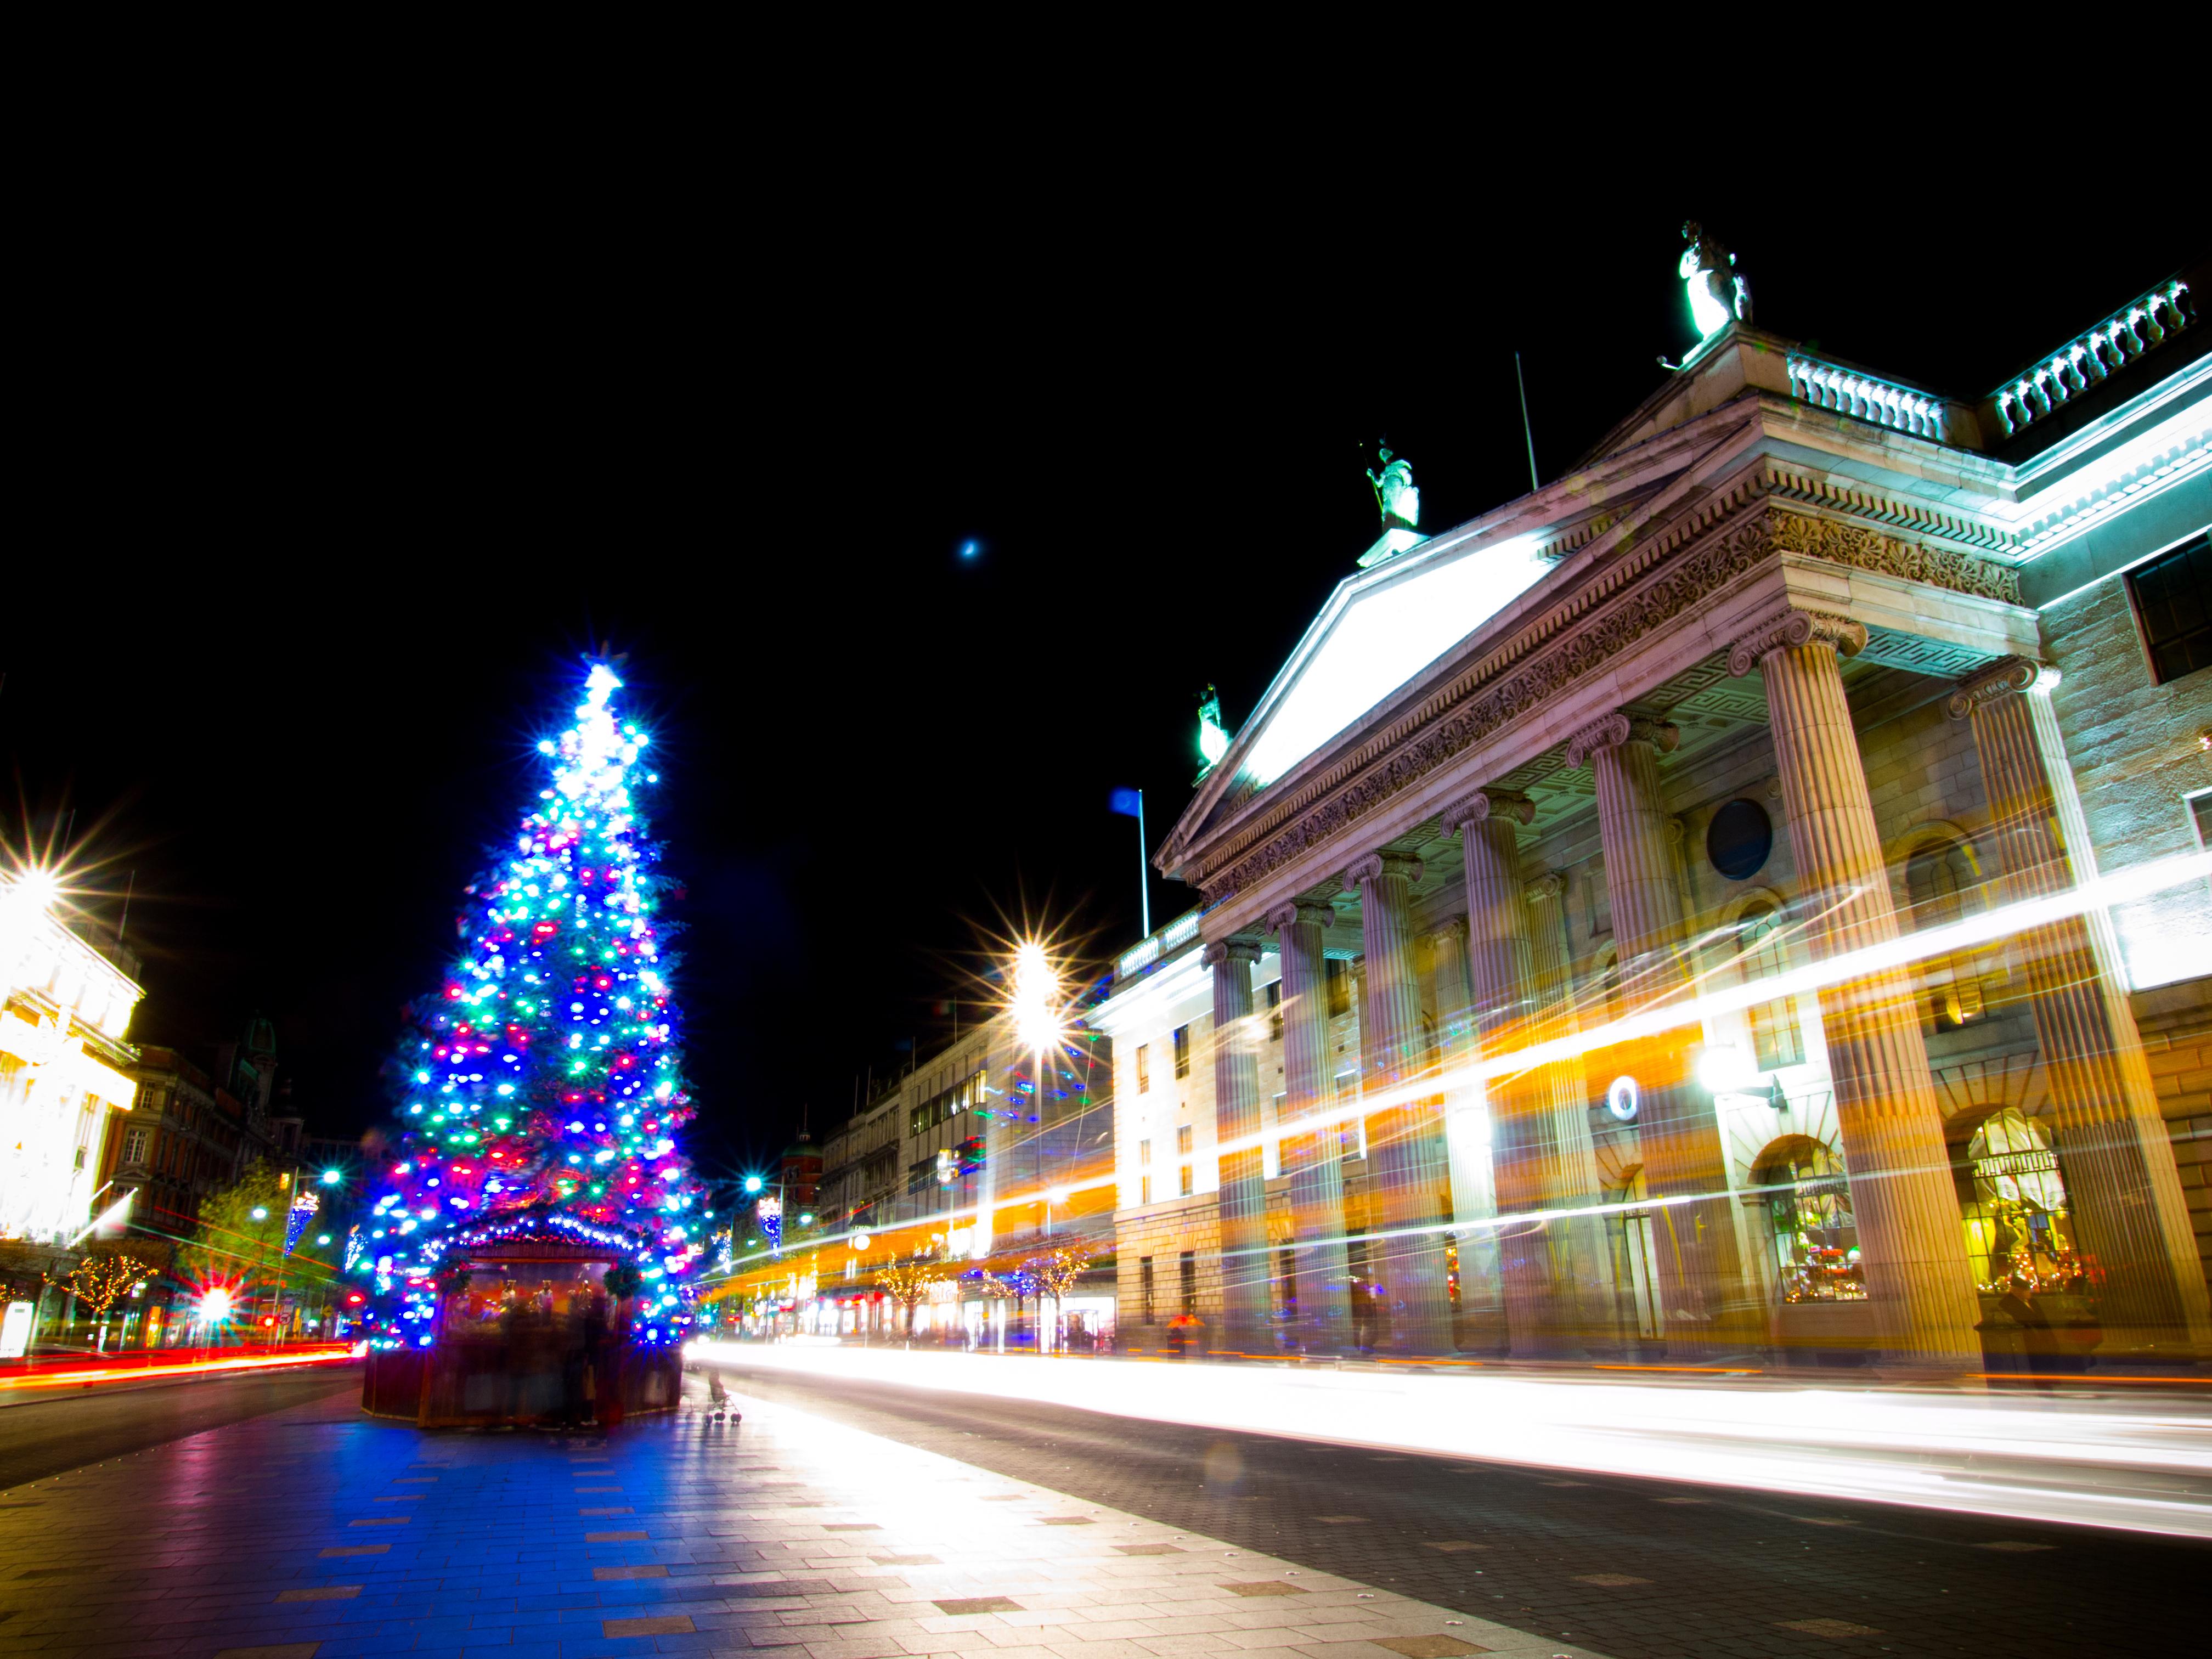 Dublin christmas lights 2013 photo